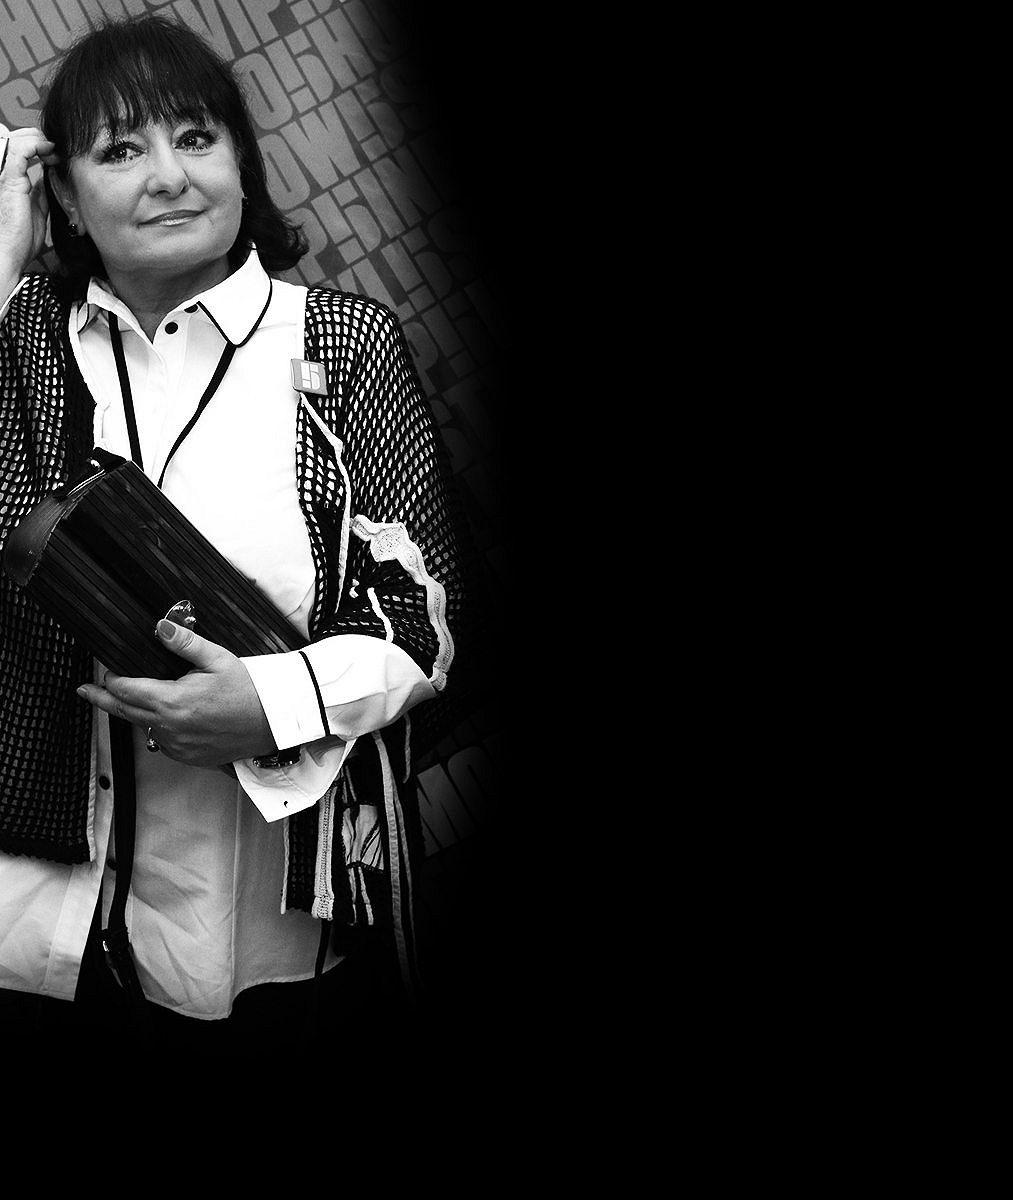 Hvězdy zlaté éry Novy šokovala smrt Evy Jurinové (✝67). Skvělá moderátorka, kolegyně amoudrá ženská, vzpomínají